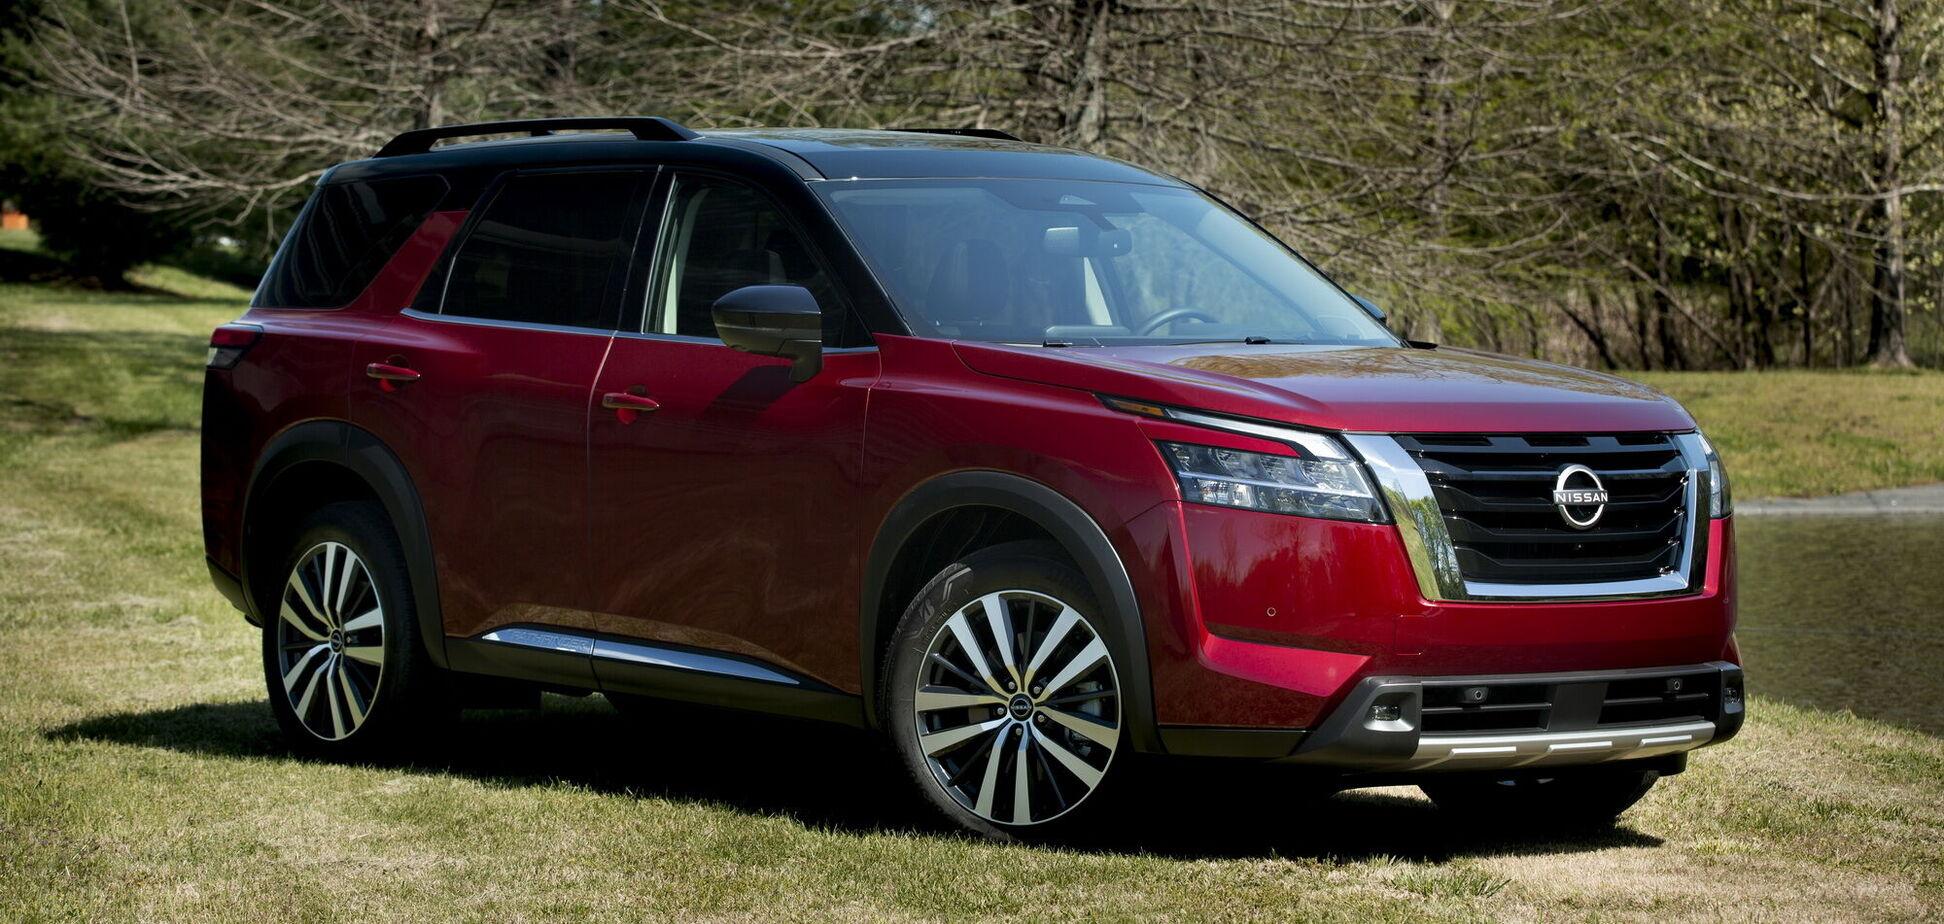 Новий Nissan Pathfinder відправився на конвеєр